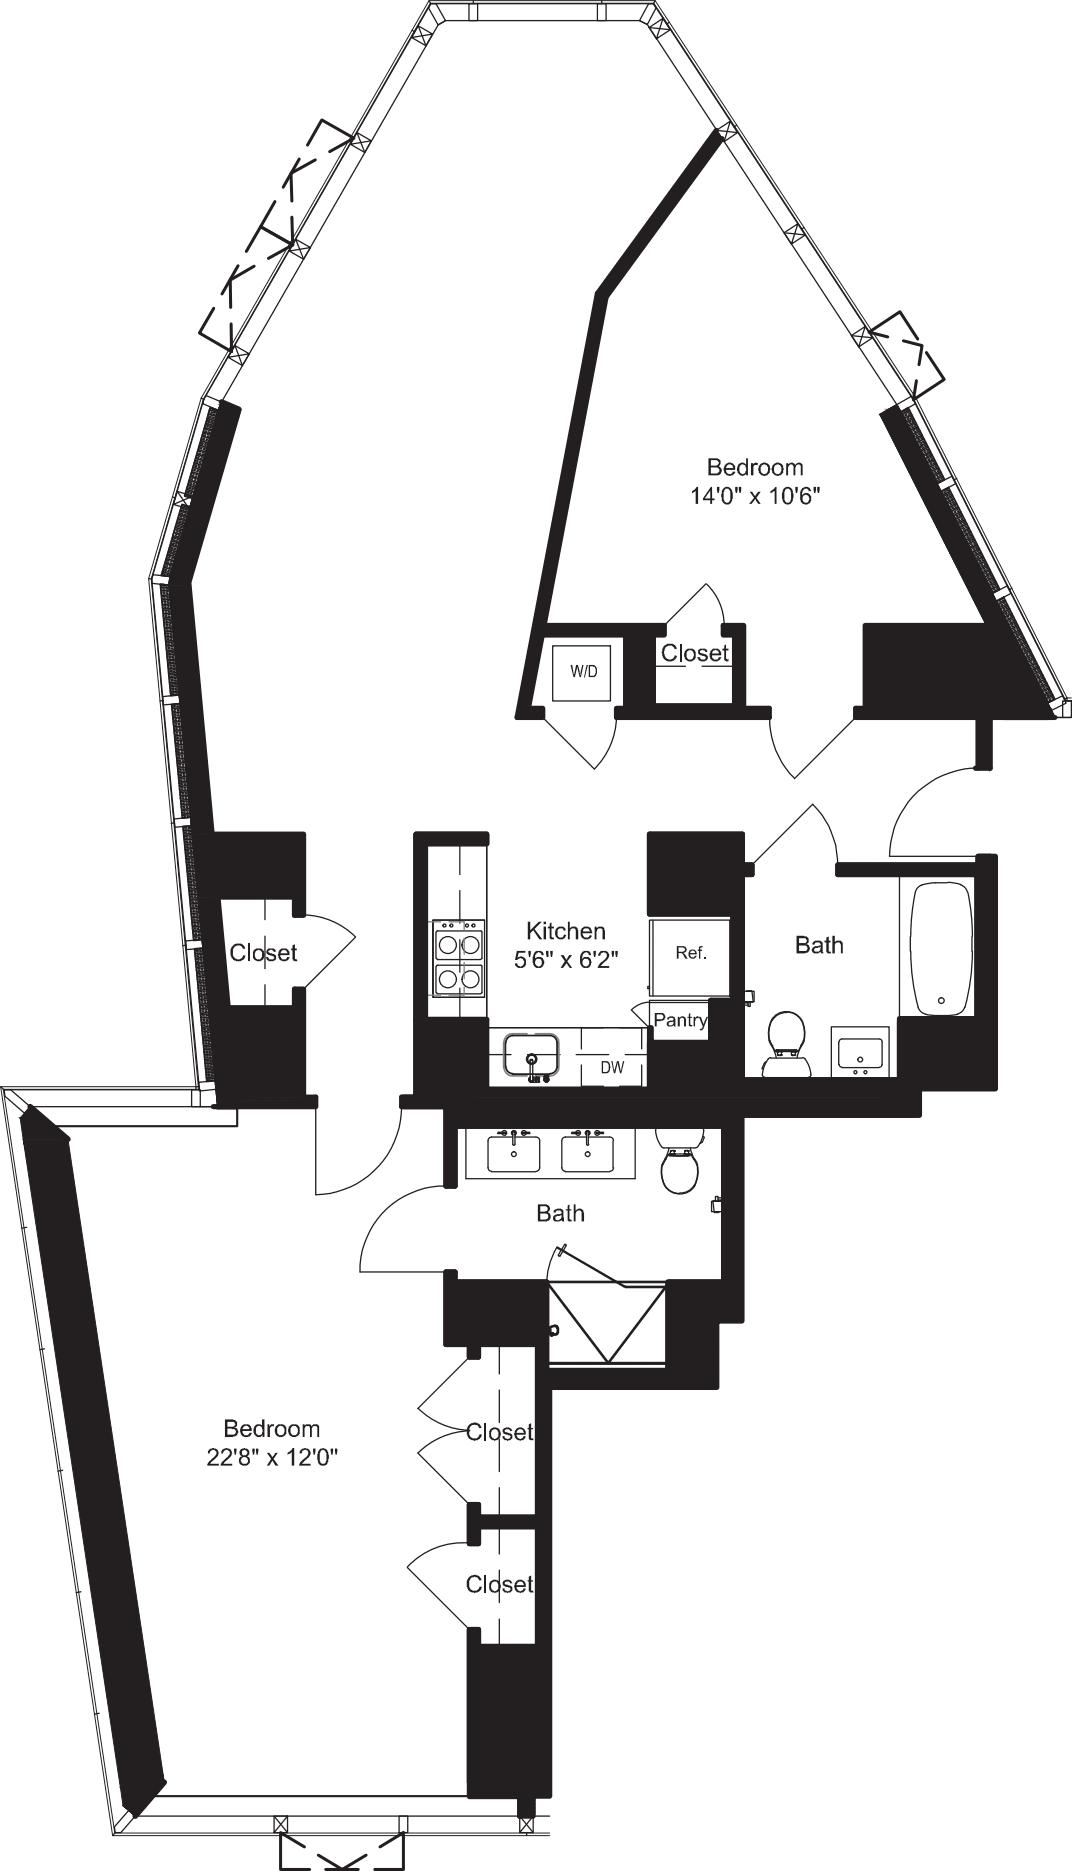 Two Bedroom K 12-19